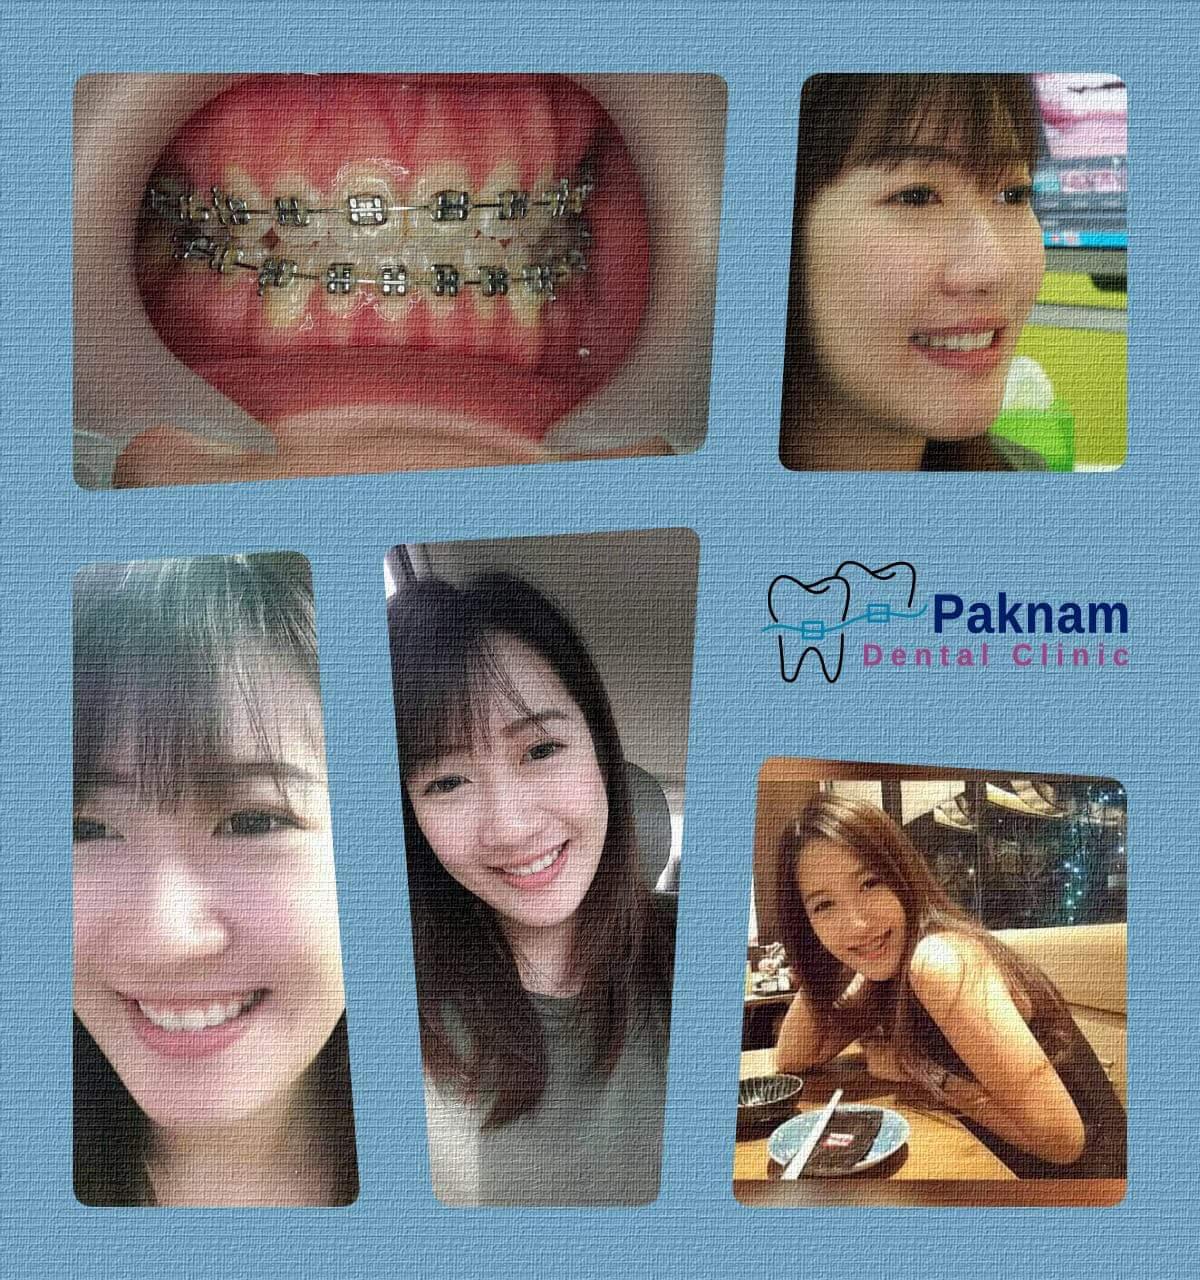 ผลงานจัดฟันของเรา | คลินิกศูนย์ทันตกรรมปากน้ำ image 26